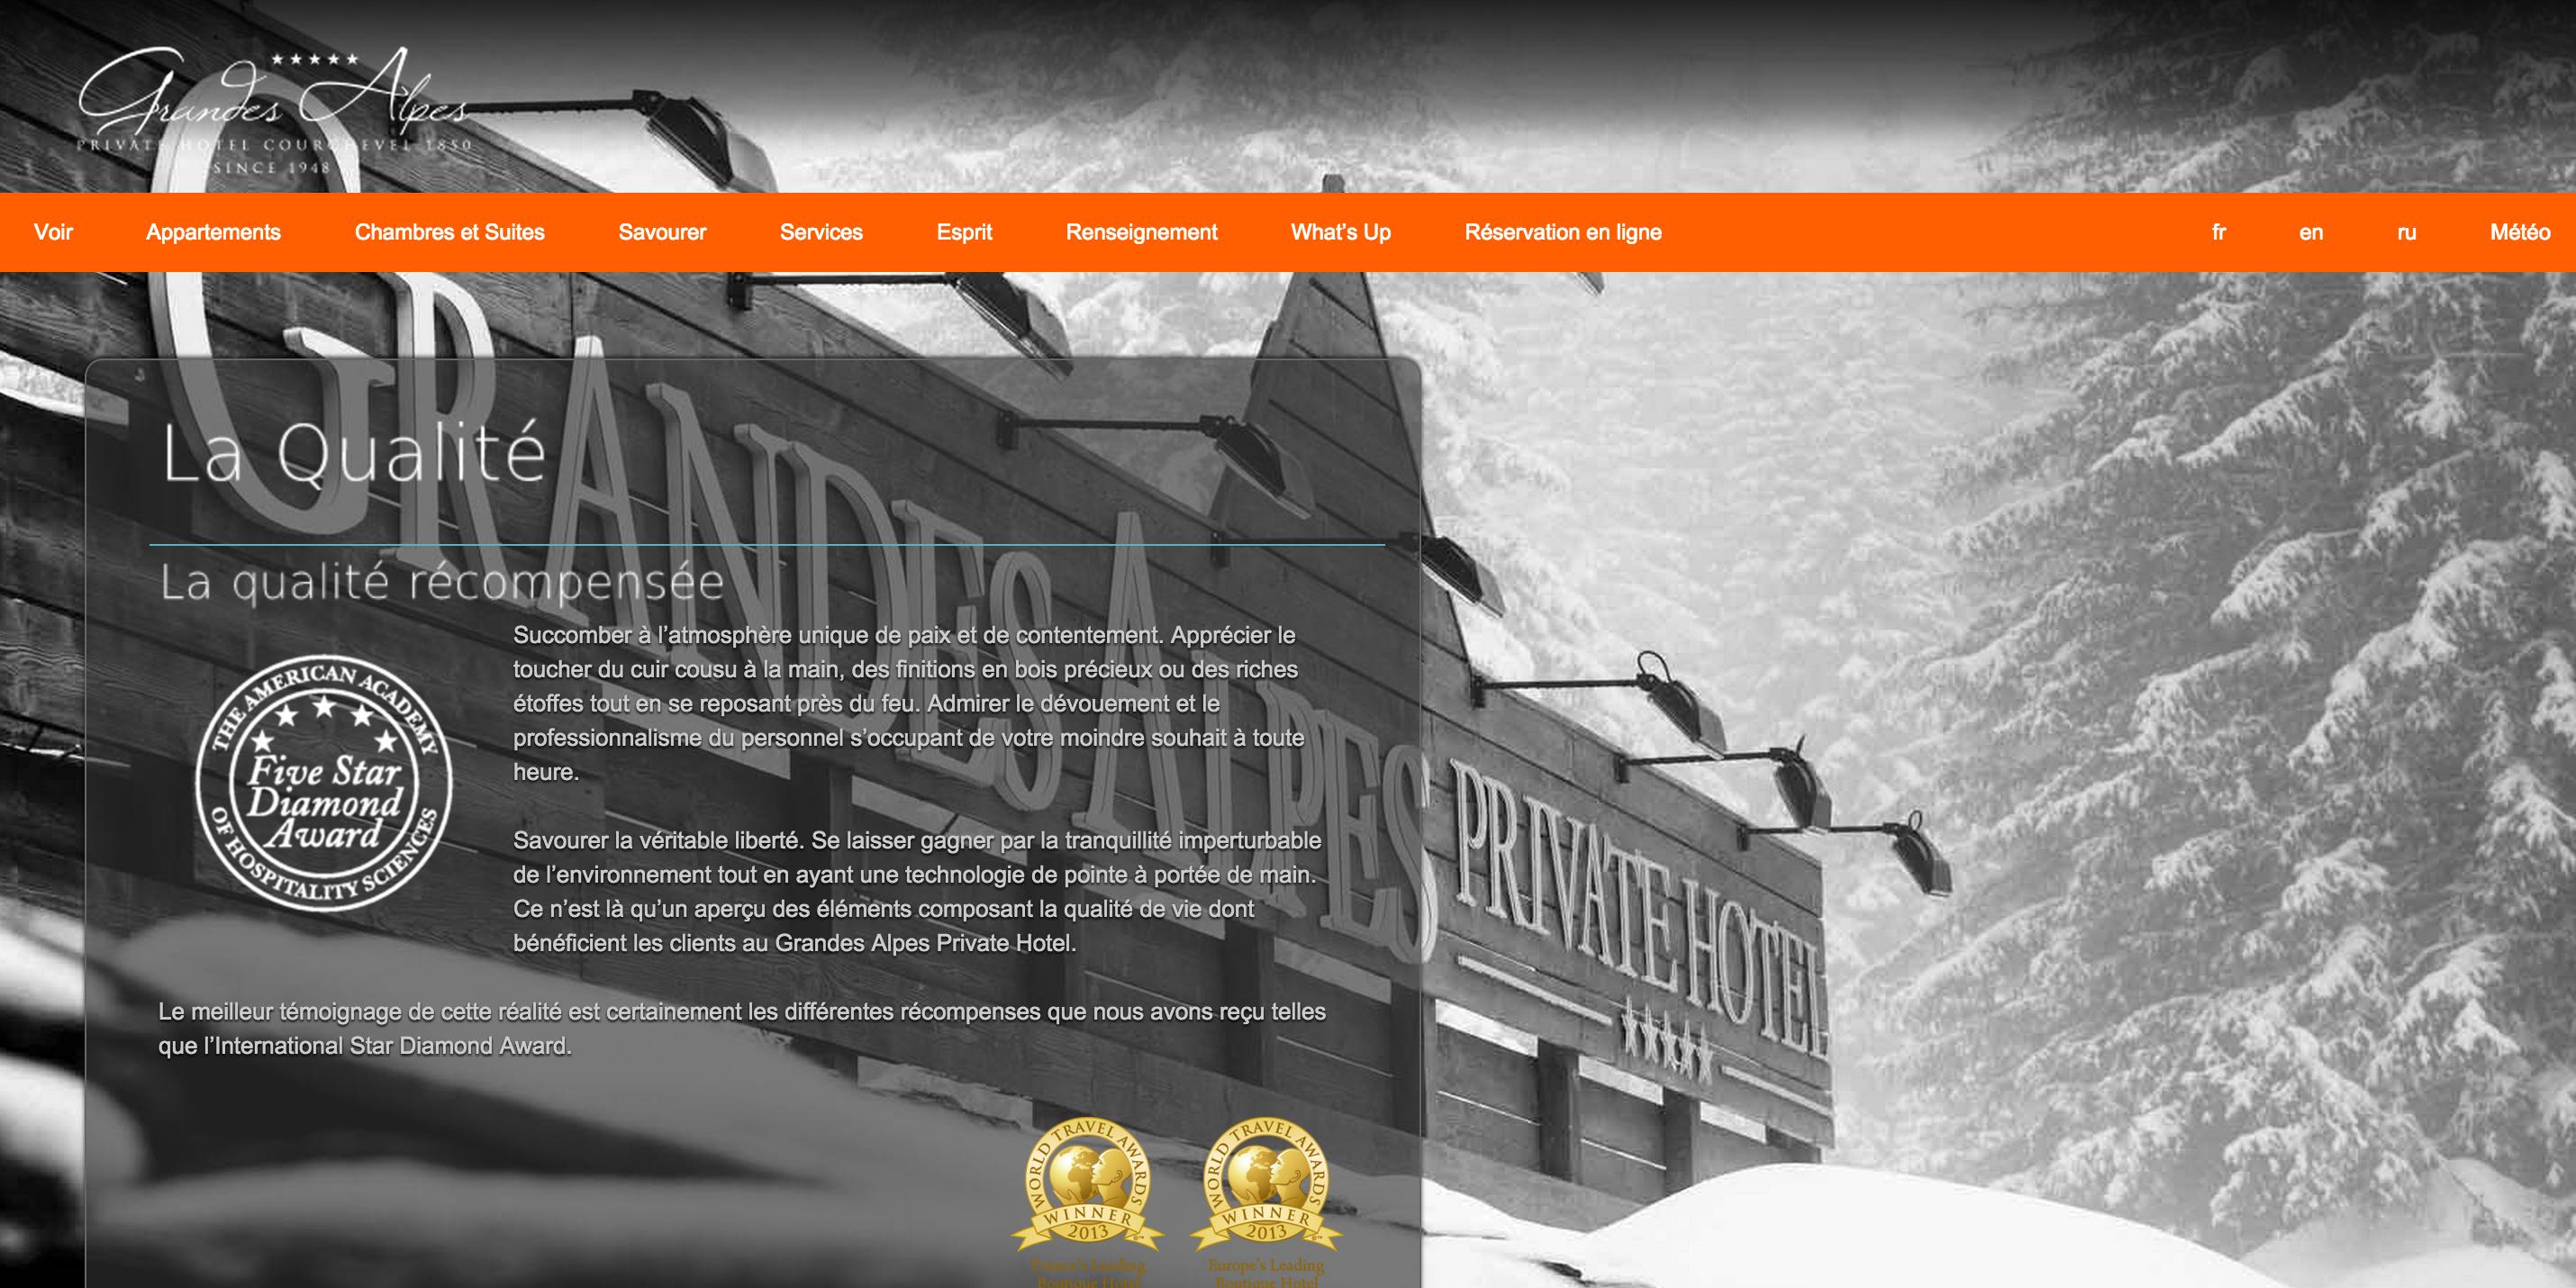 Exemple de développement web pour un hôtel 5 étoile à Courchevel